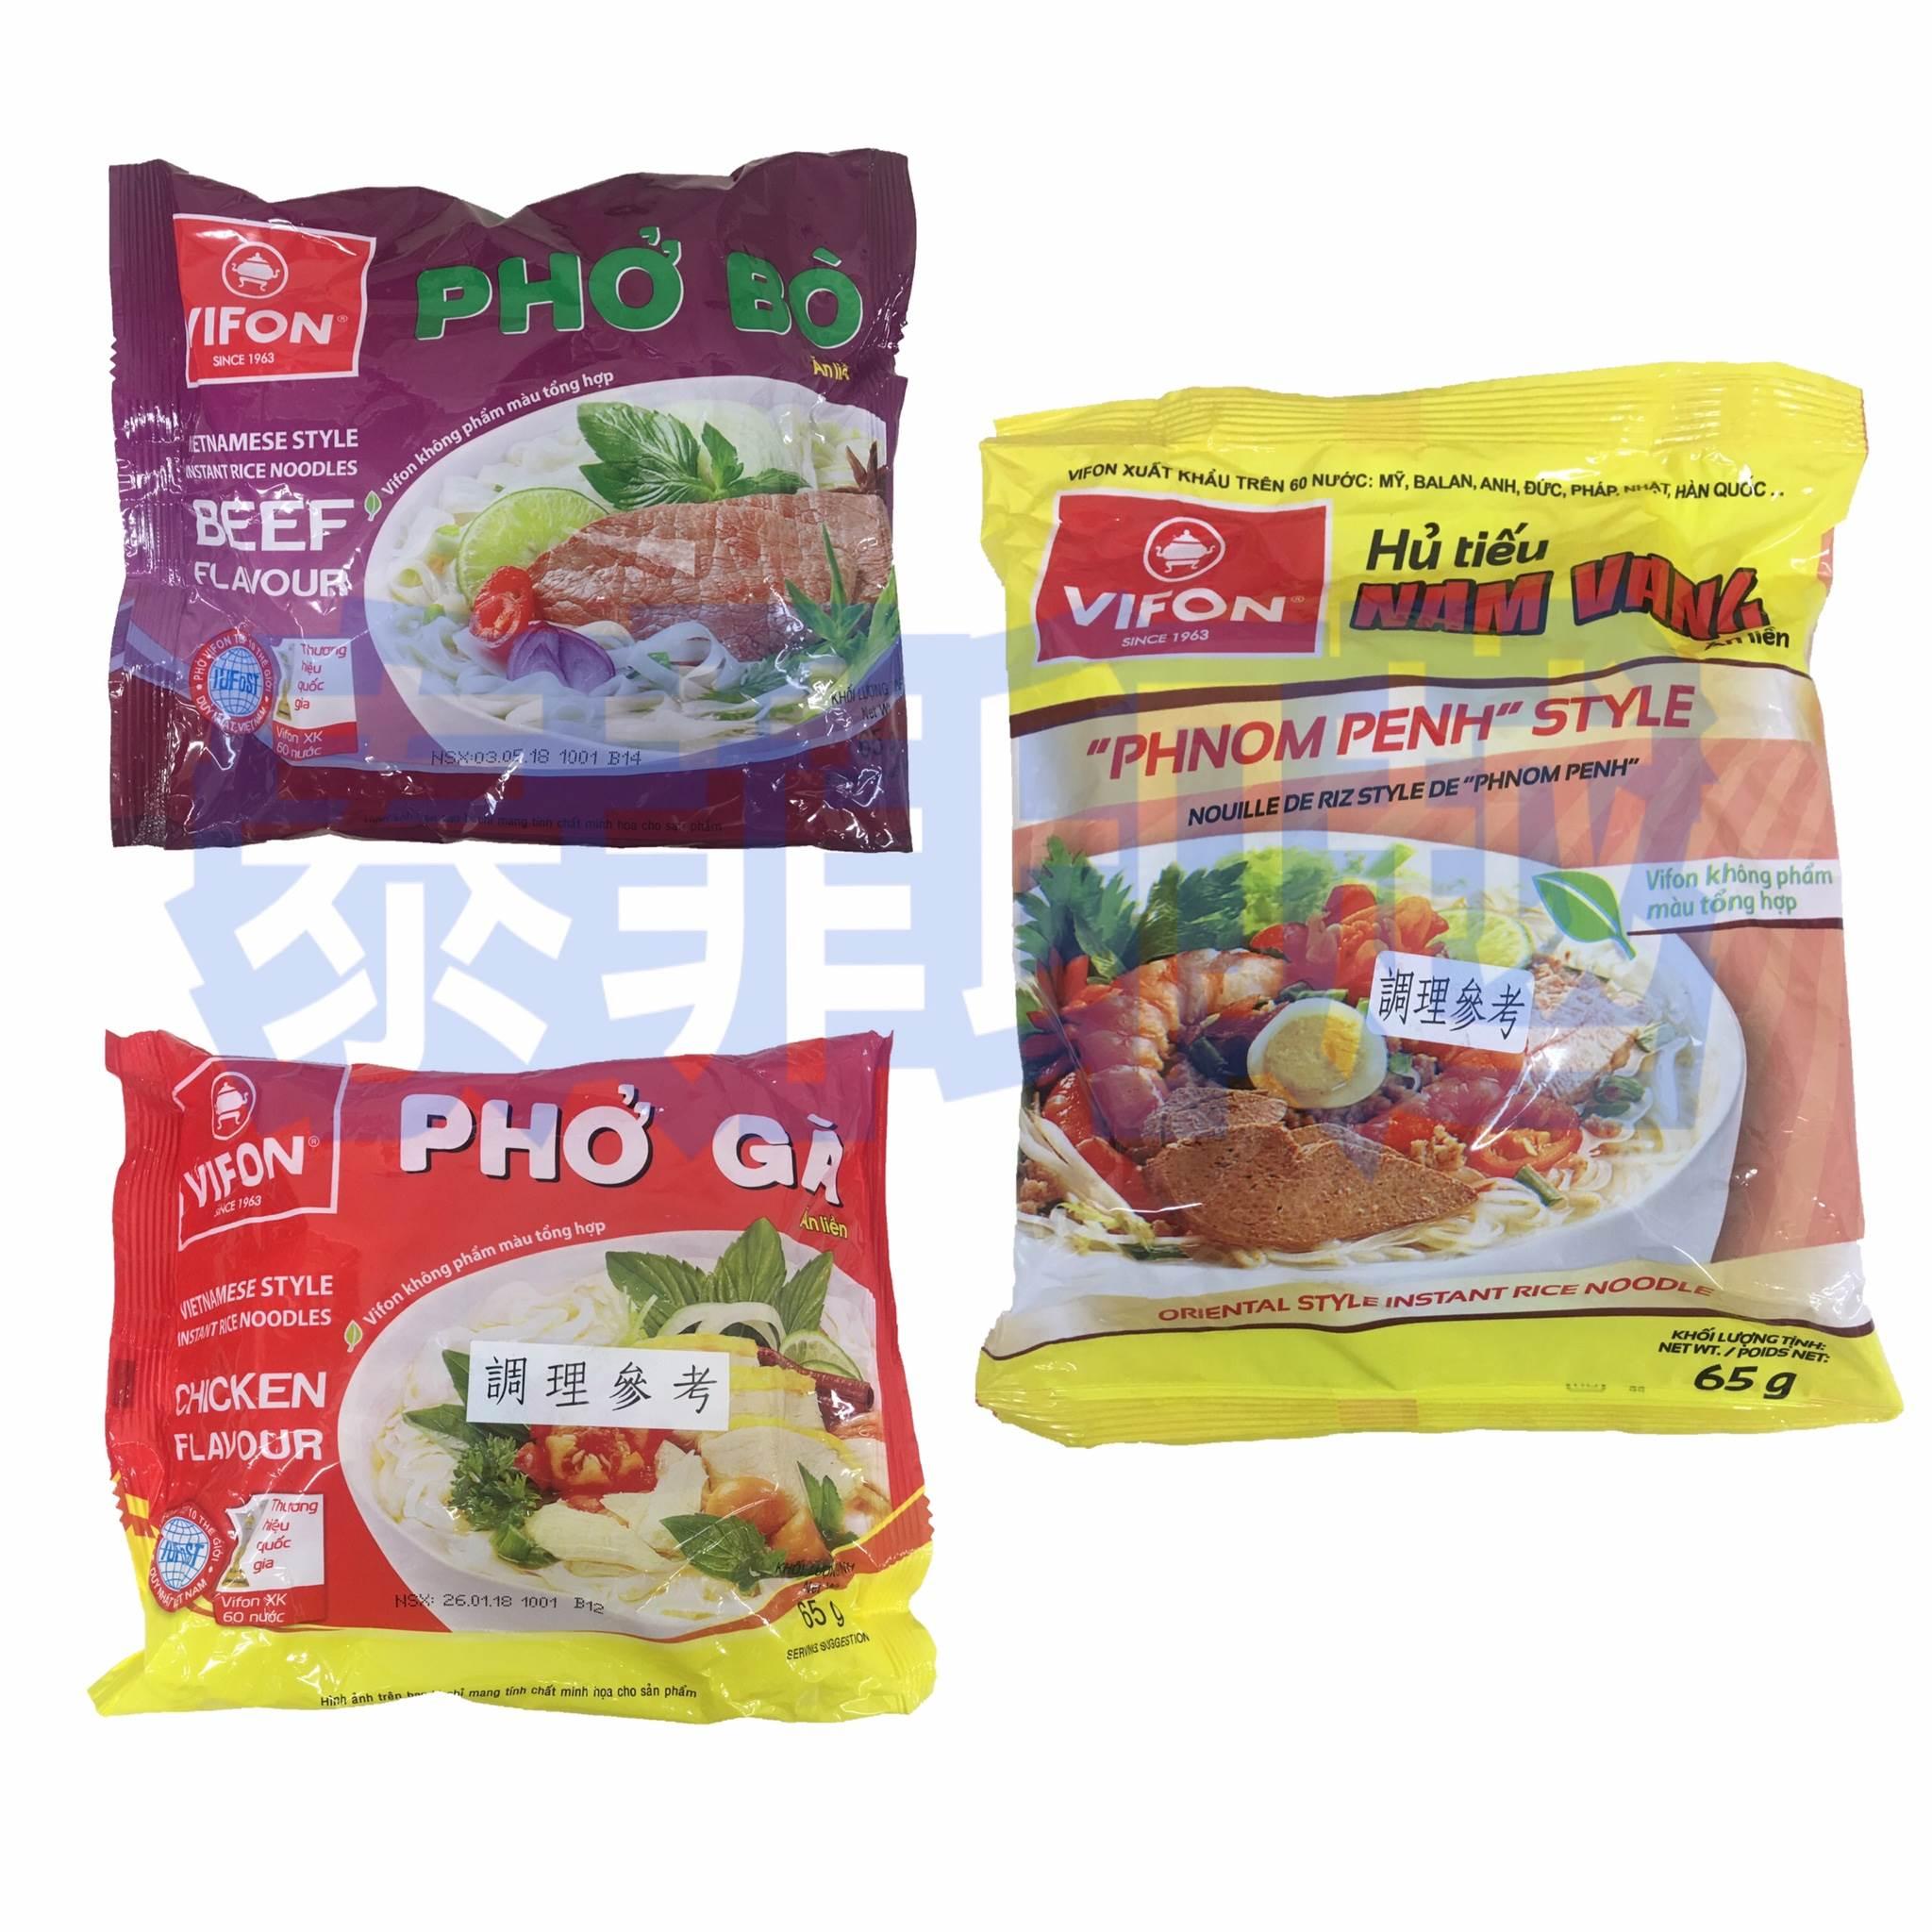 越南 VIFON Rice Noodle 速食湯河粉 牛肉河粉 雞肉河粉 海鮮河粉 65g